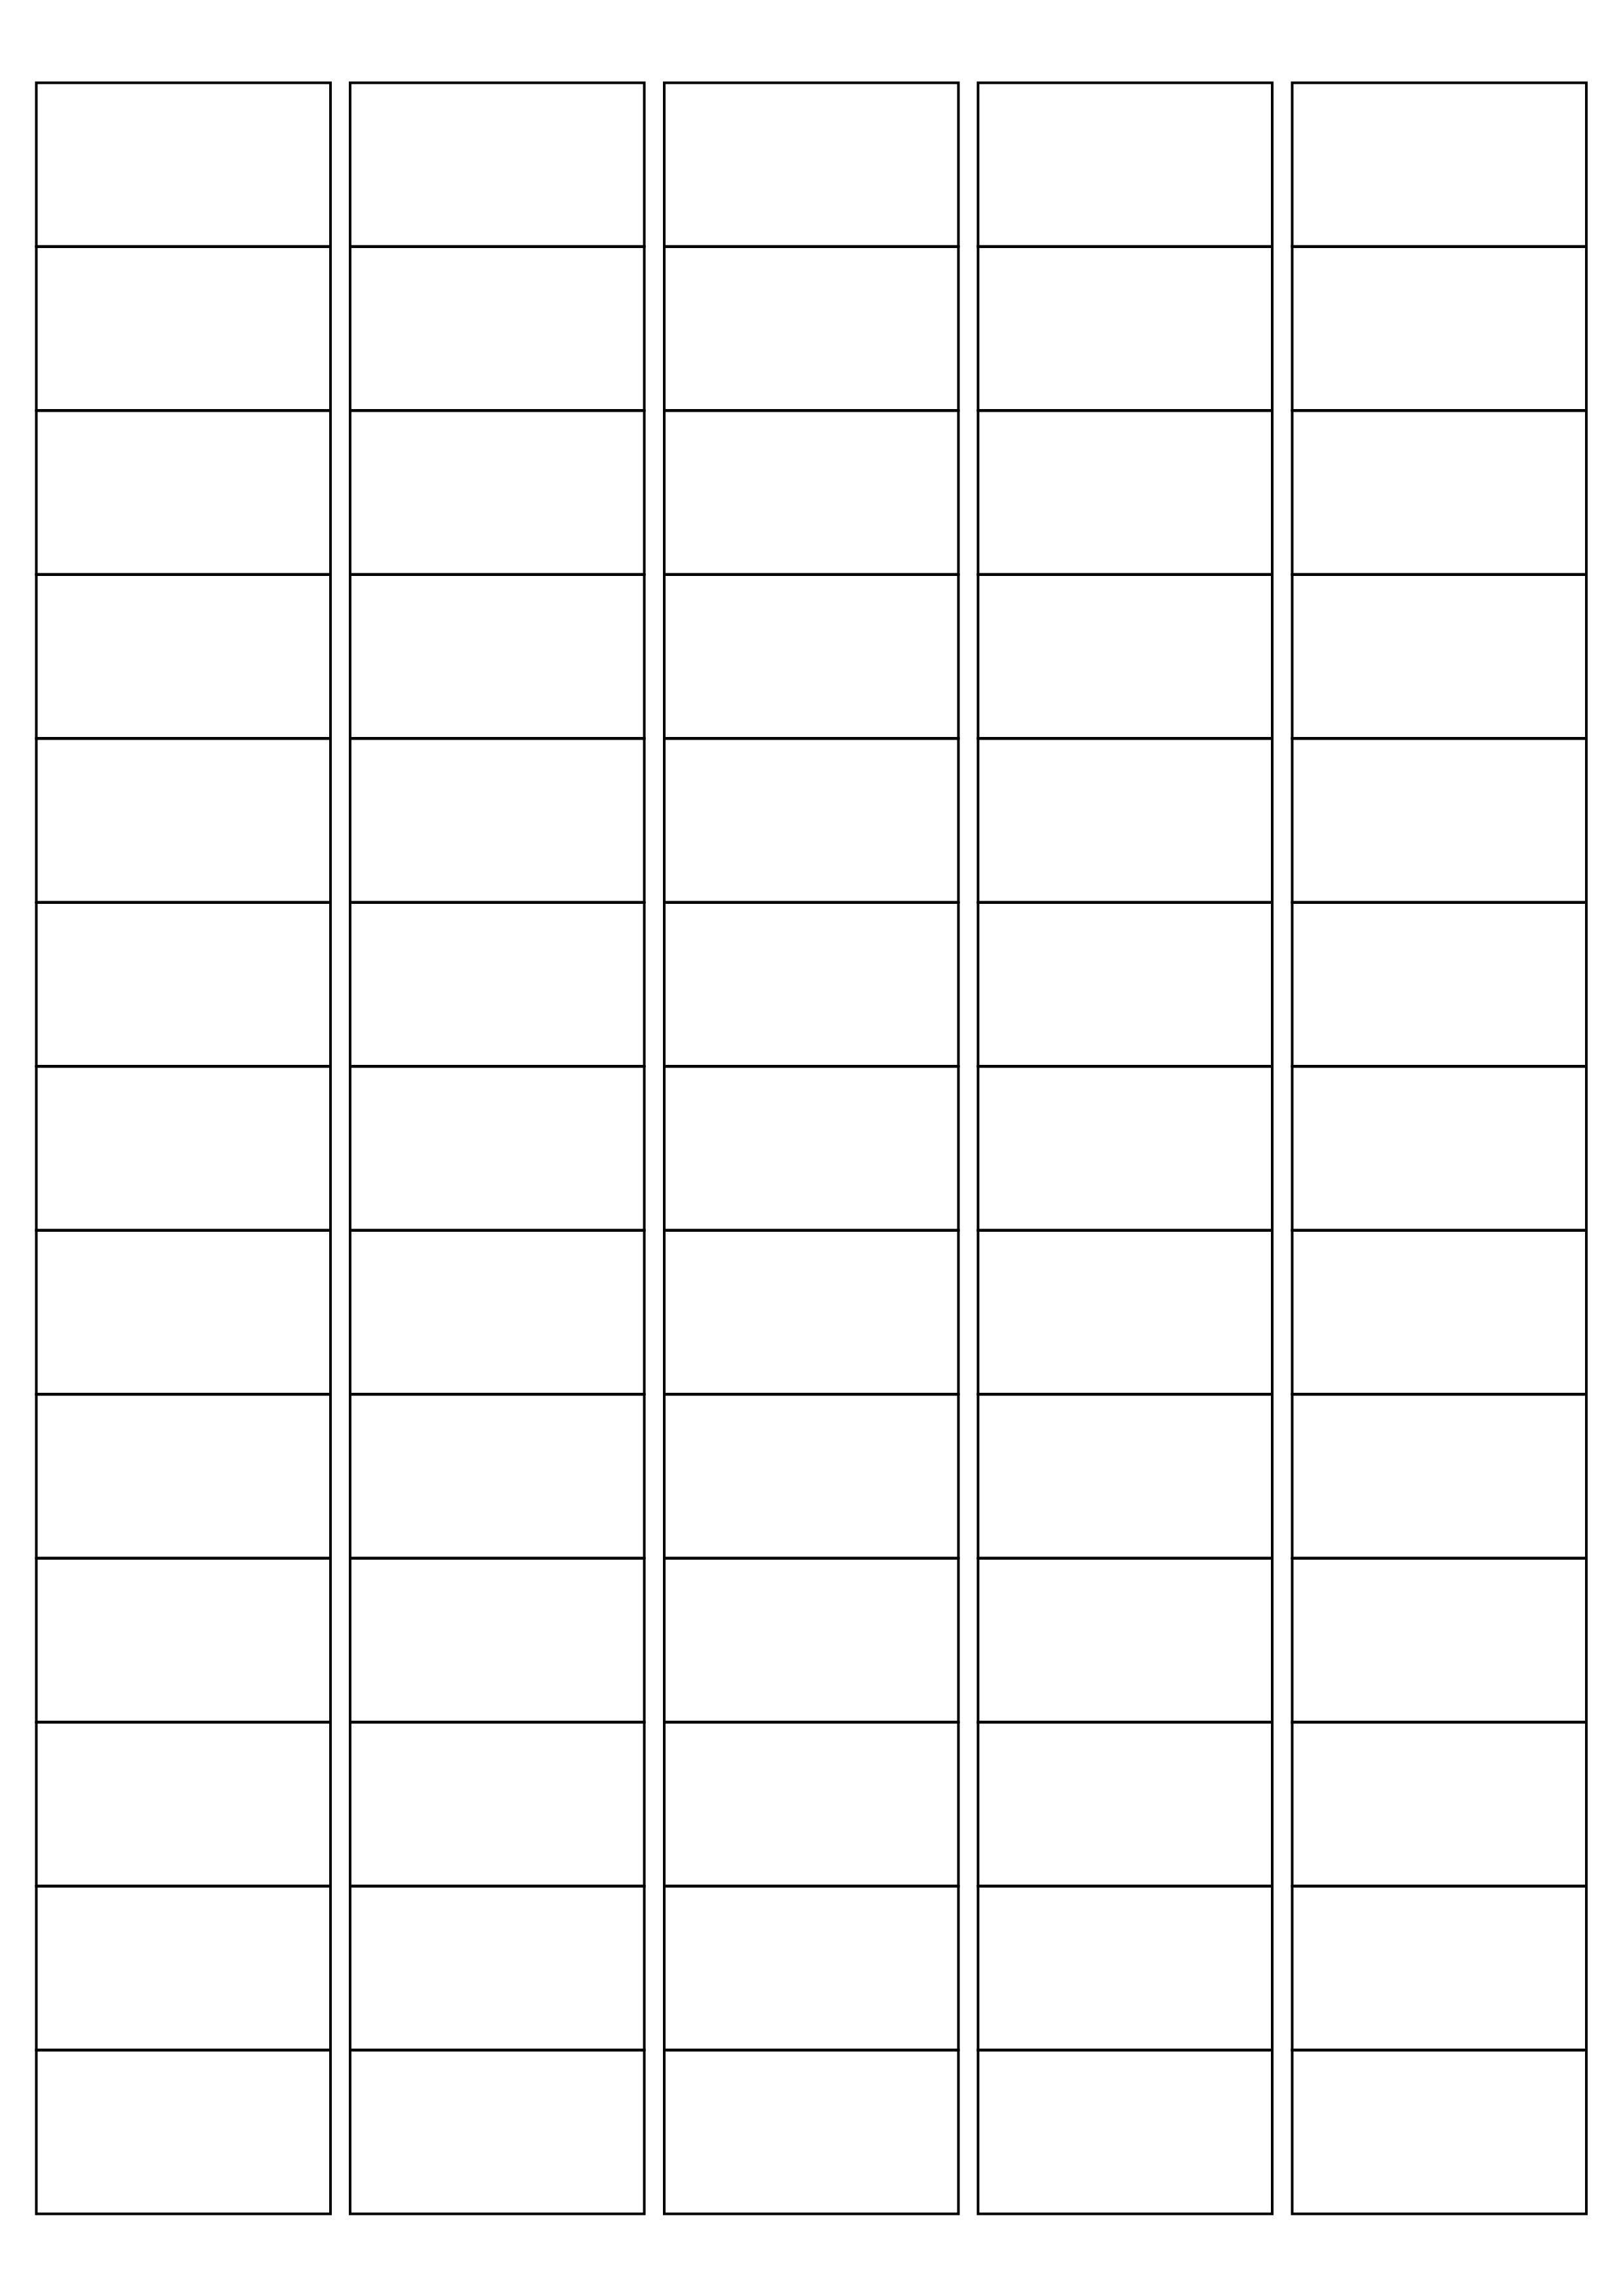 Mr   Rectangular Square Corners   X  Mm  A Sheet In Label Template 65 Per Sheet